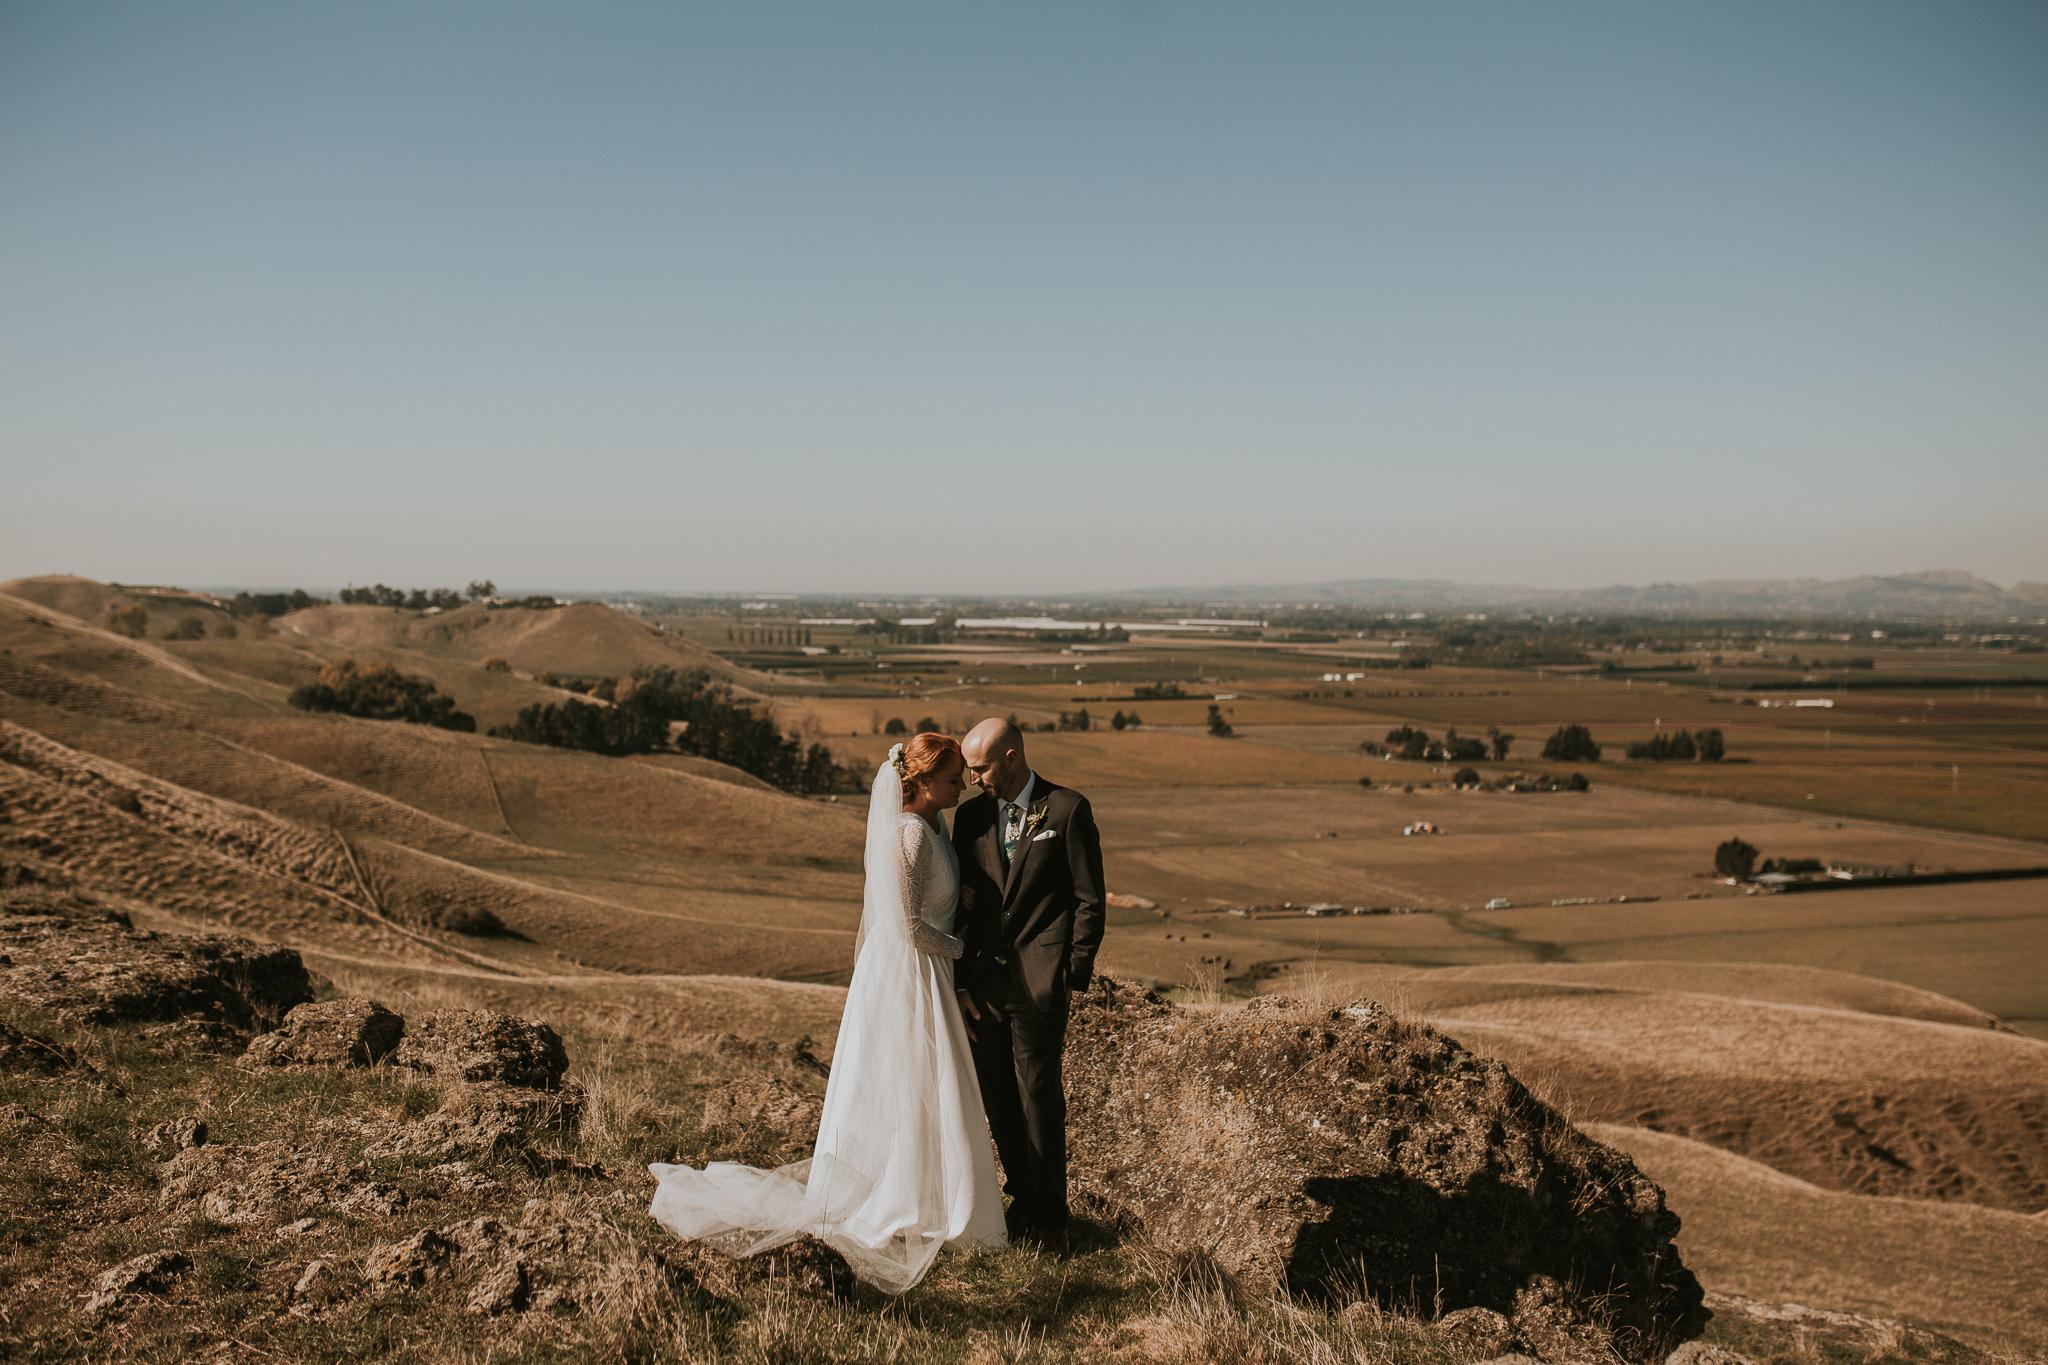 wedding photographer hawkes bay , Lisa Fisher Photography, Selini Winery Wedding -108.jpg